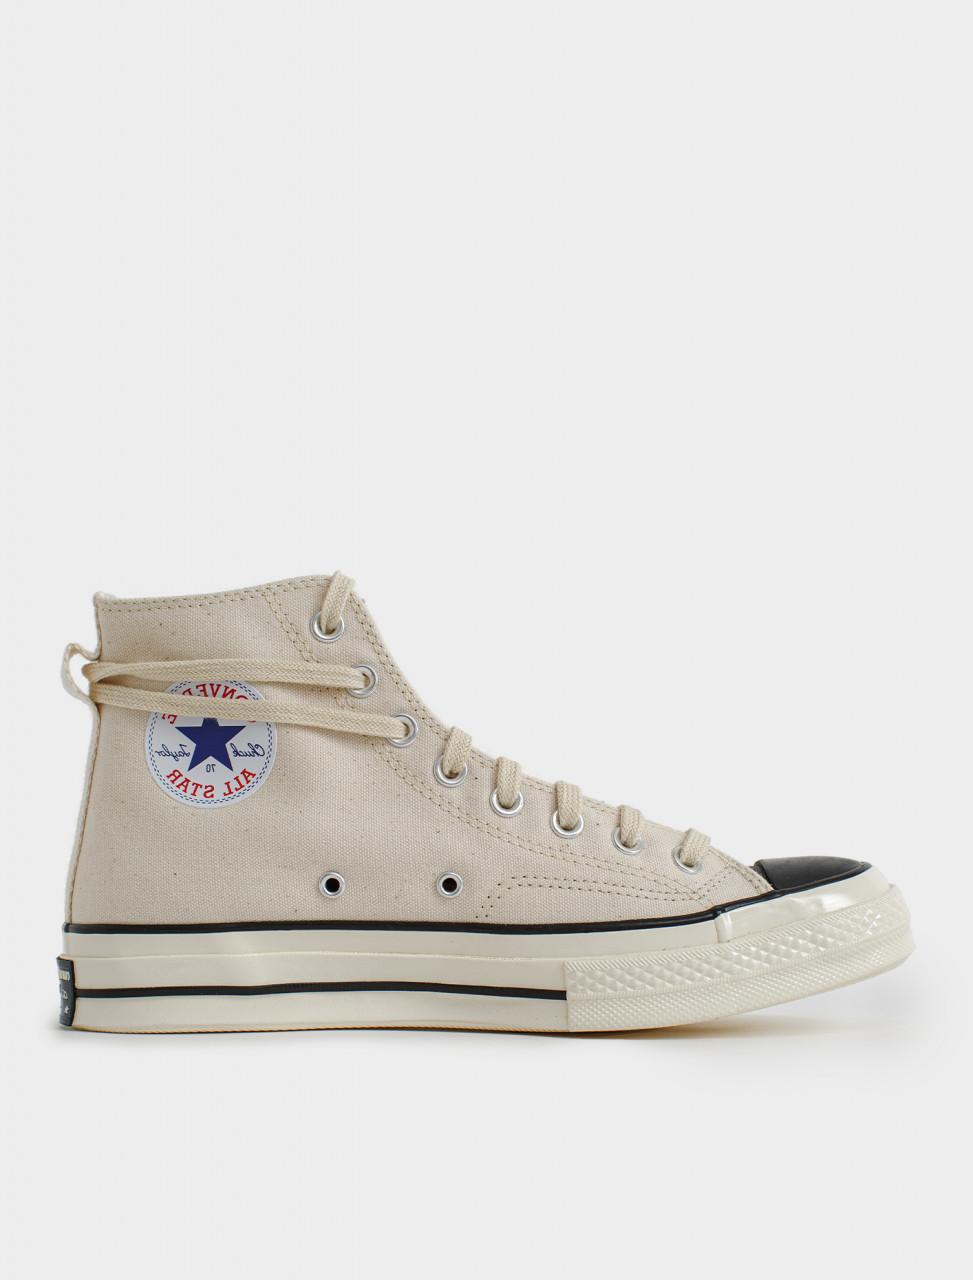 x Fear of God Chuck 70 High Sneaker